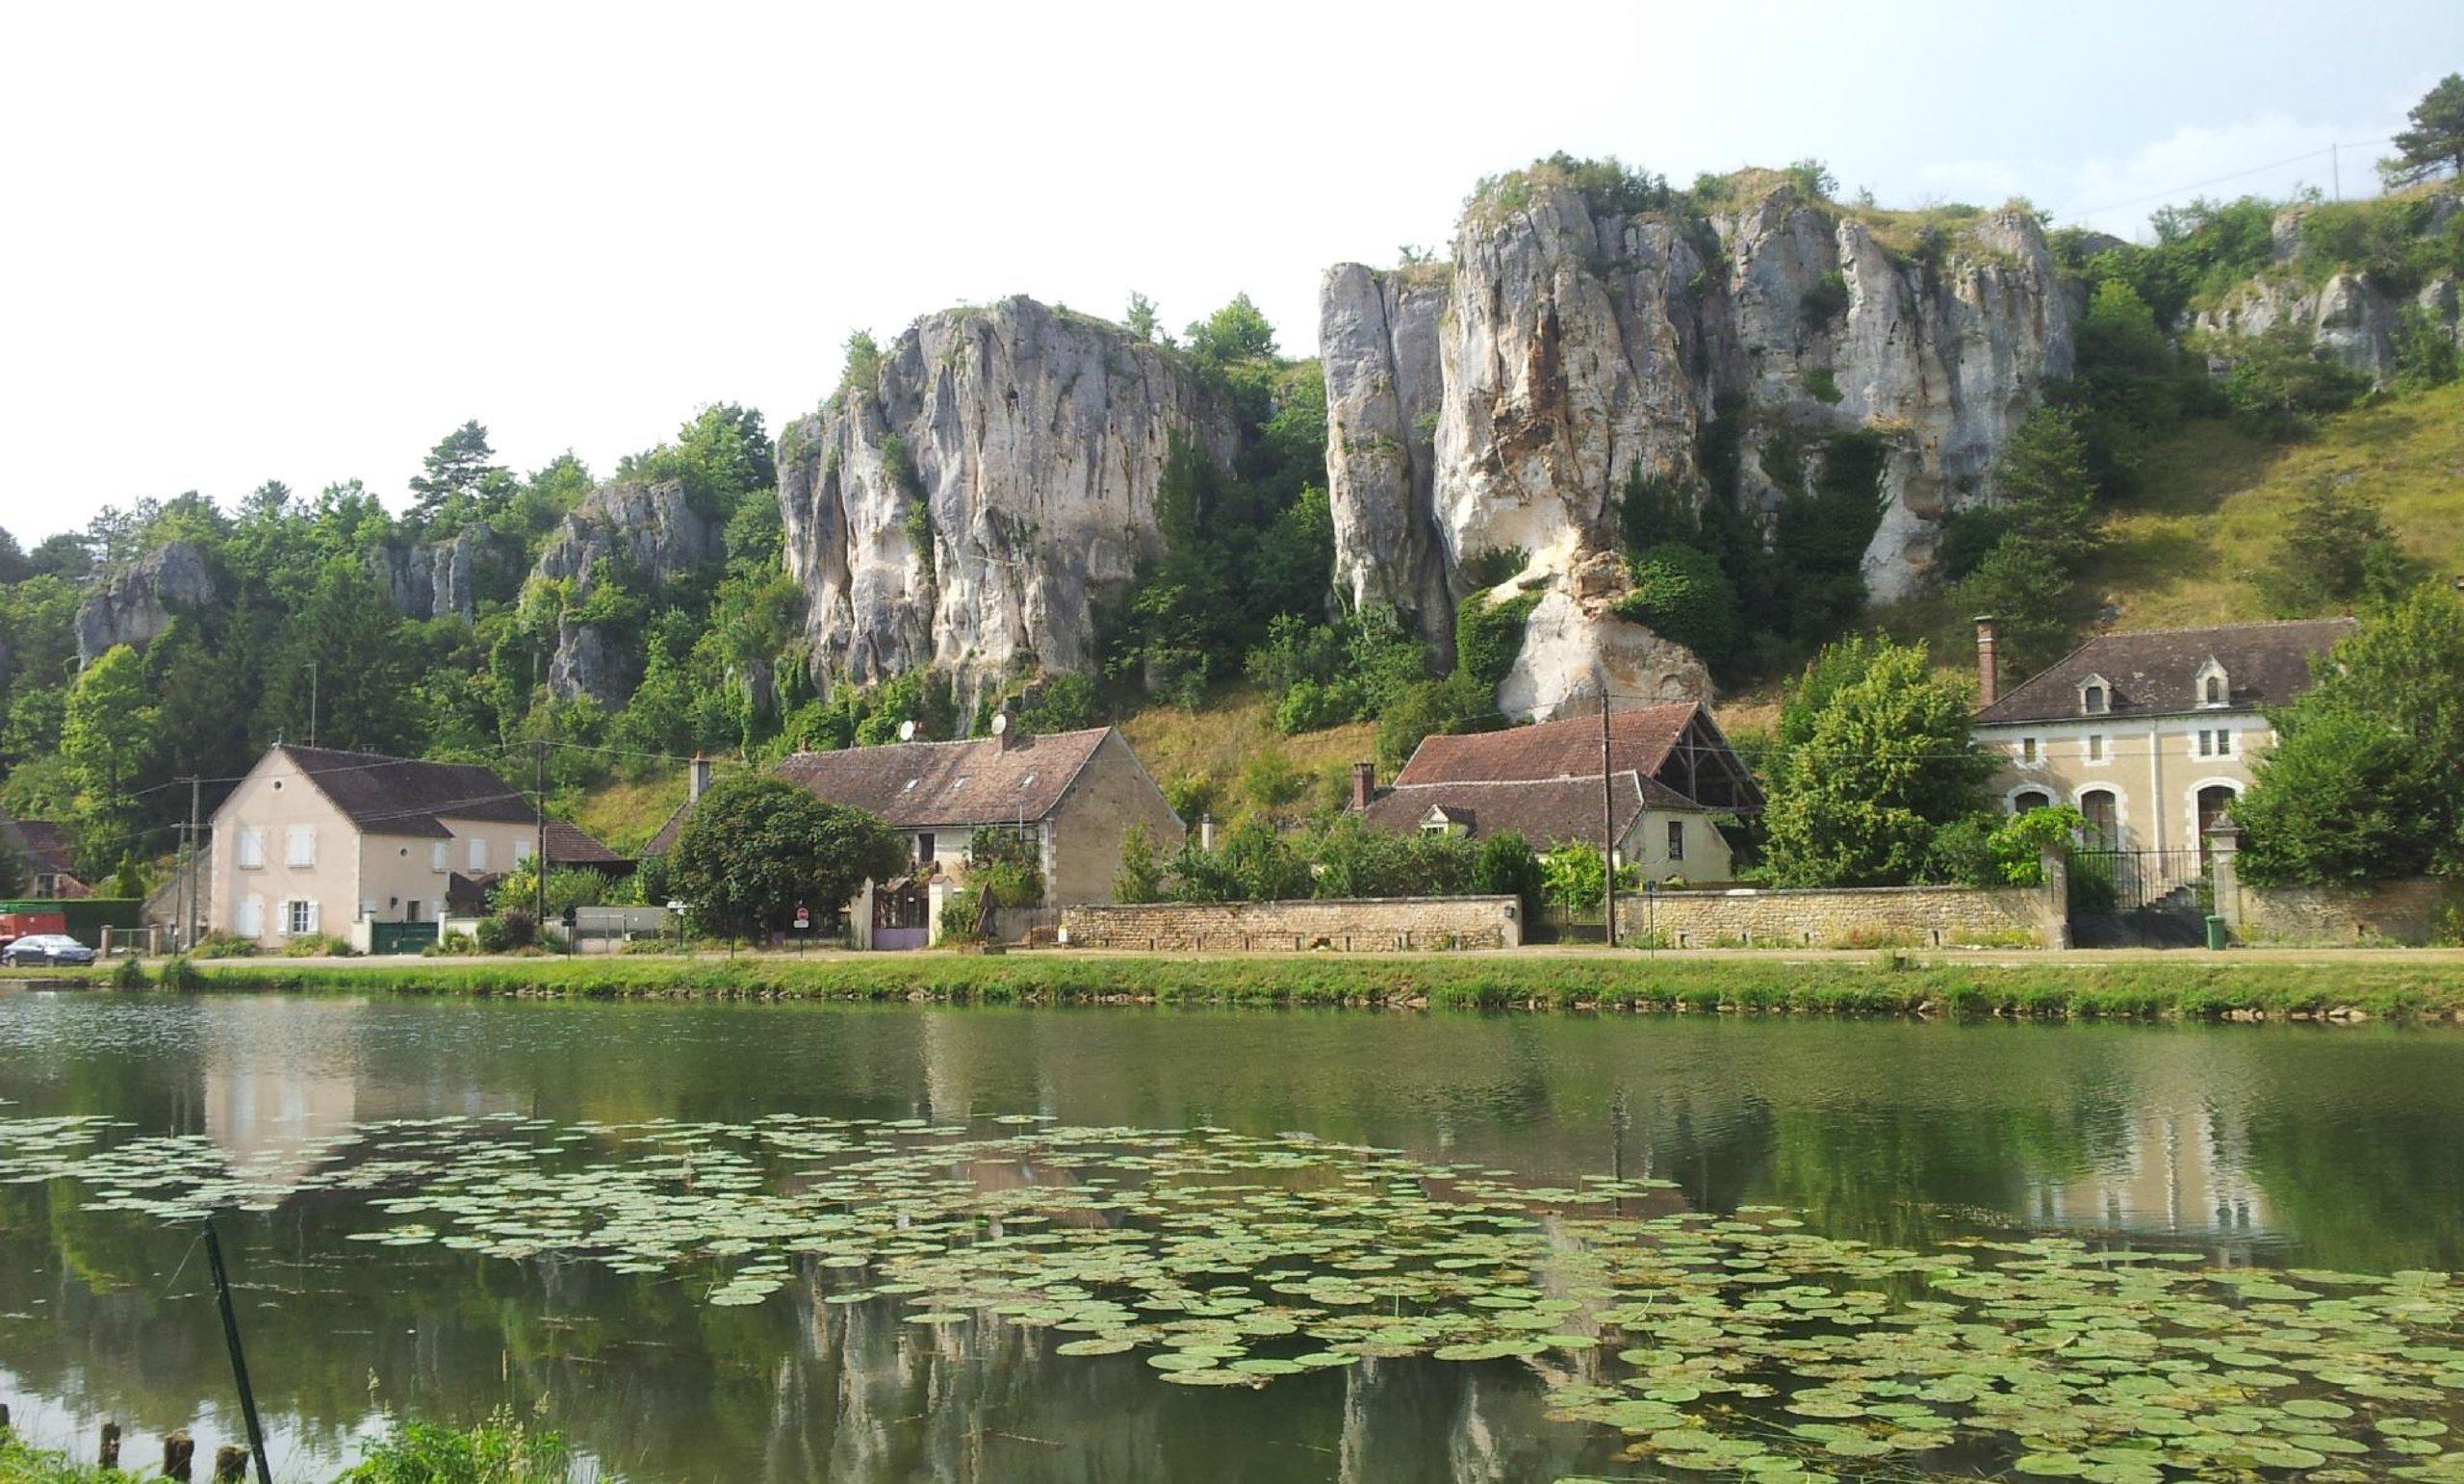 Rochers du Saussois (Merry-sur-Yonne) : 2020 Ce qu'il faut savoir pour votre visite - Tripadvisor